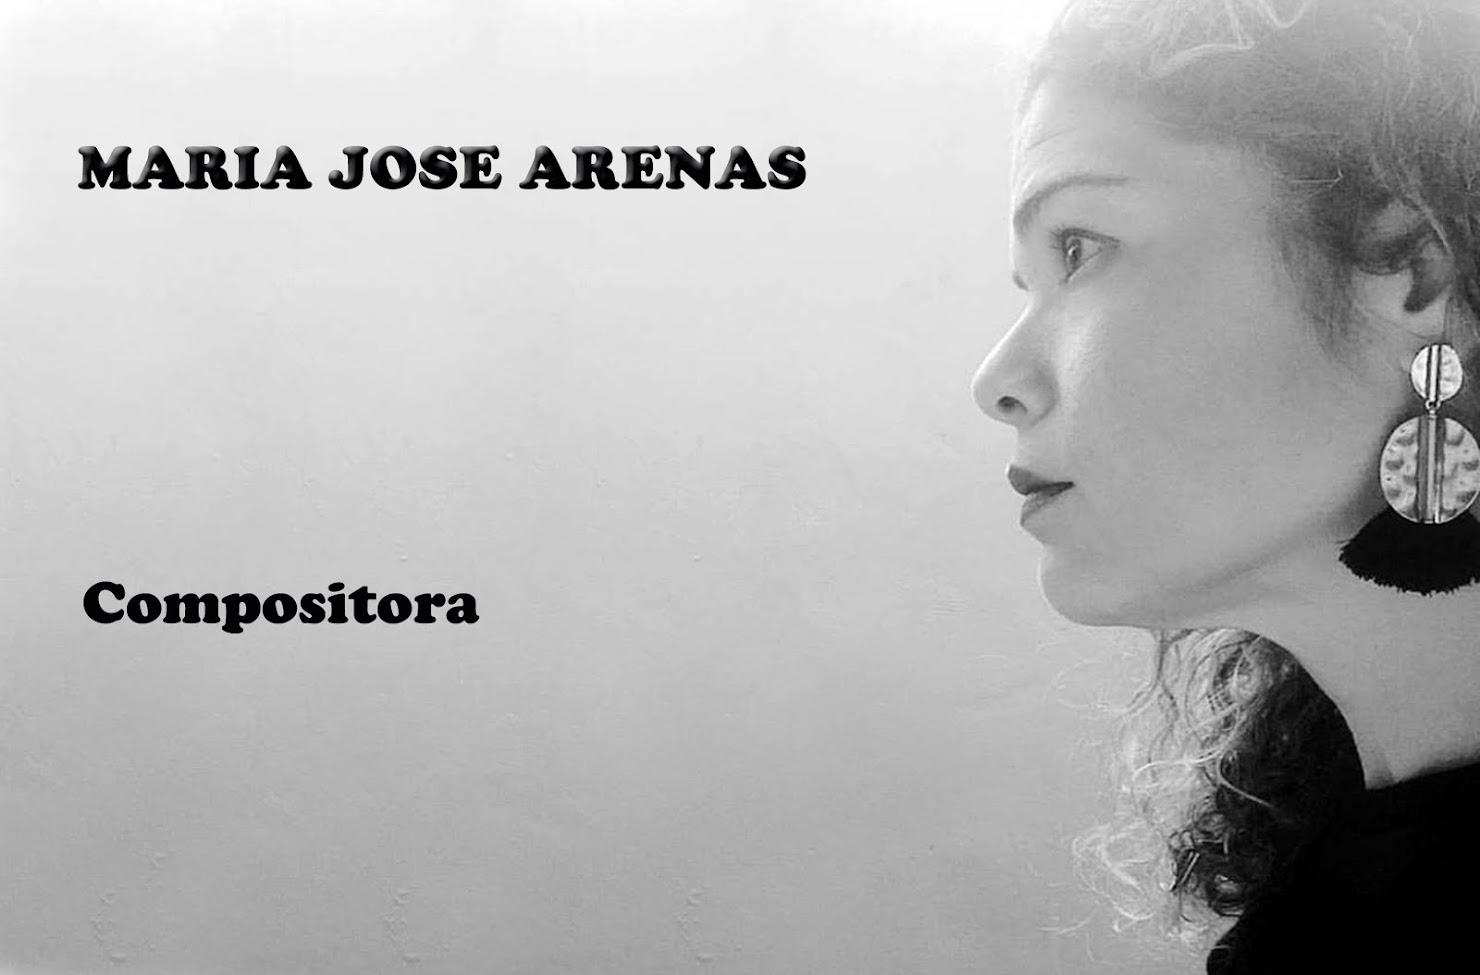 MARIA JOSE ARENAS COMPOSITORA